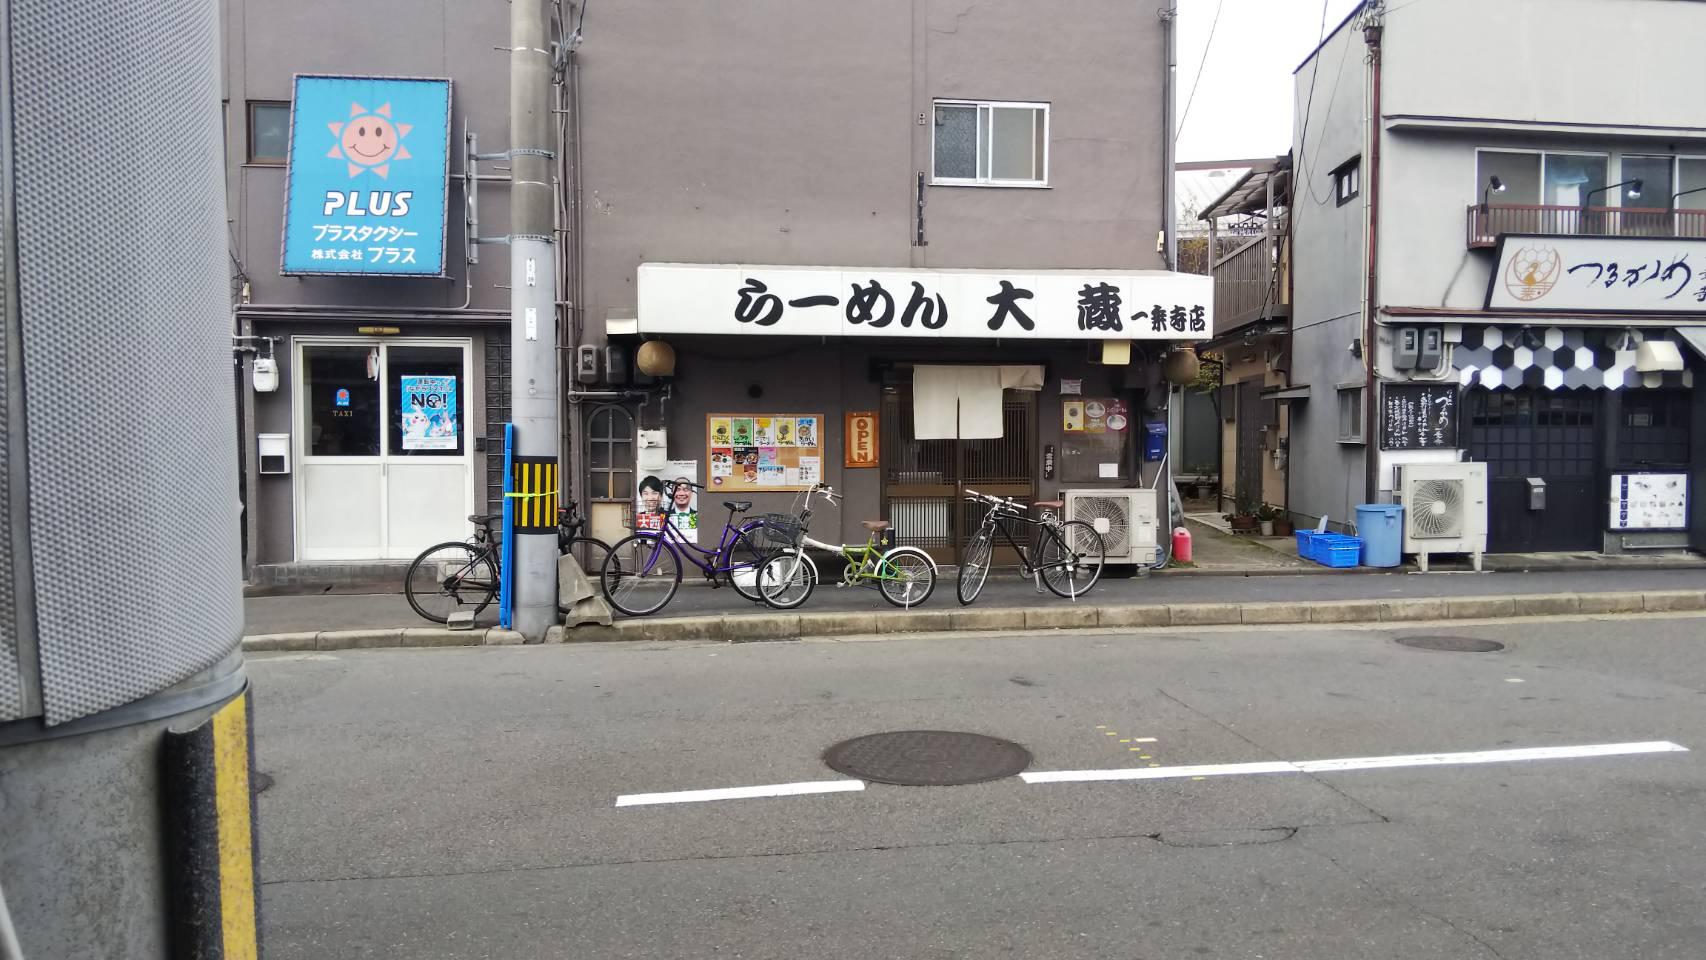 らーめん大蔵一乗寺店(京都市左京区/らーめん)